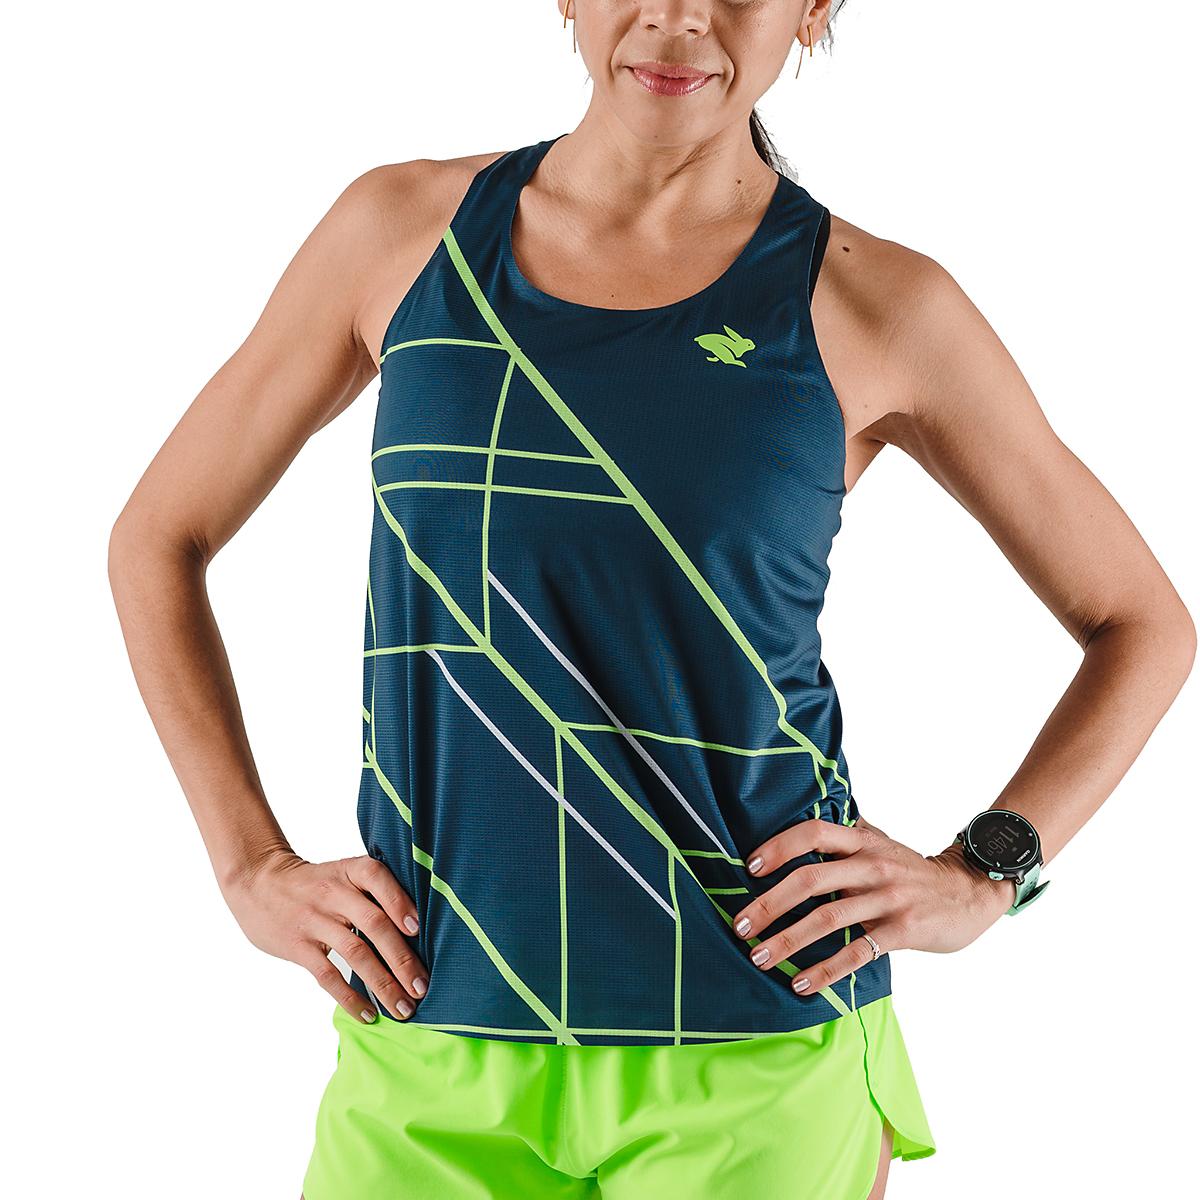 Women's Rabbit Speedeez Singlet - Color: Dress Blues/Green Gecko - Size: XS, Dress Blues/Green Gecko, large, image 1